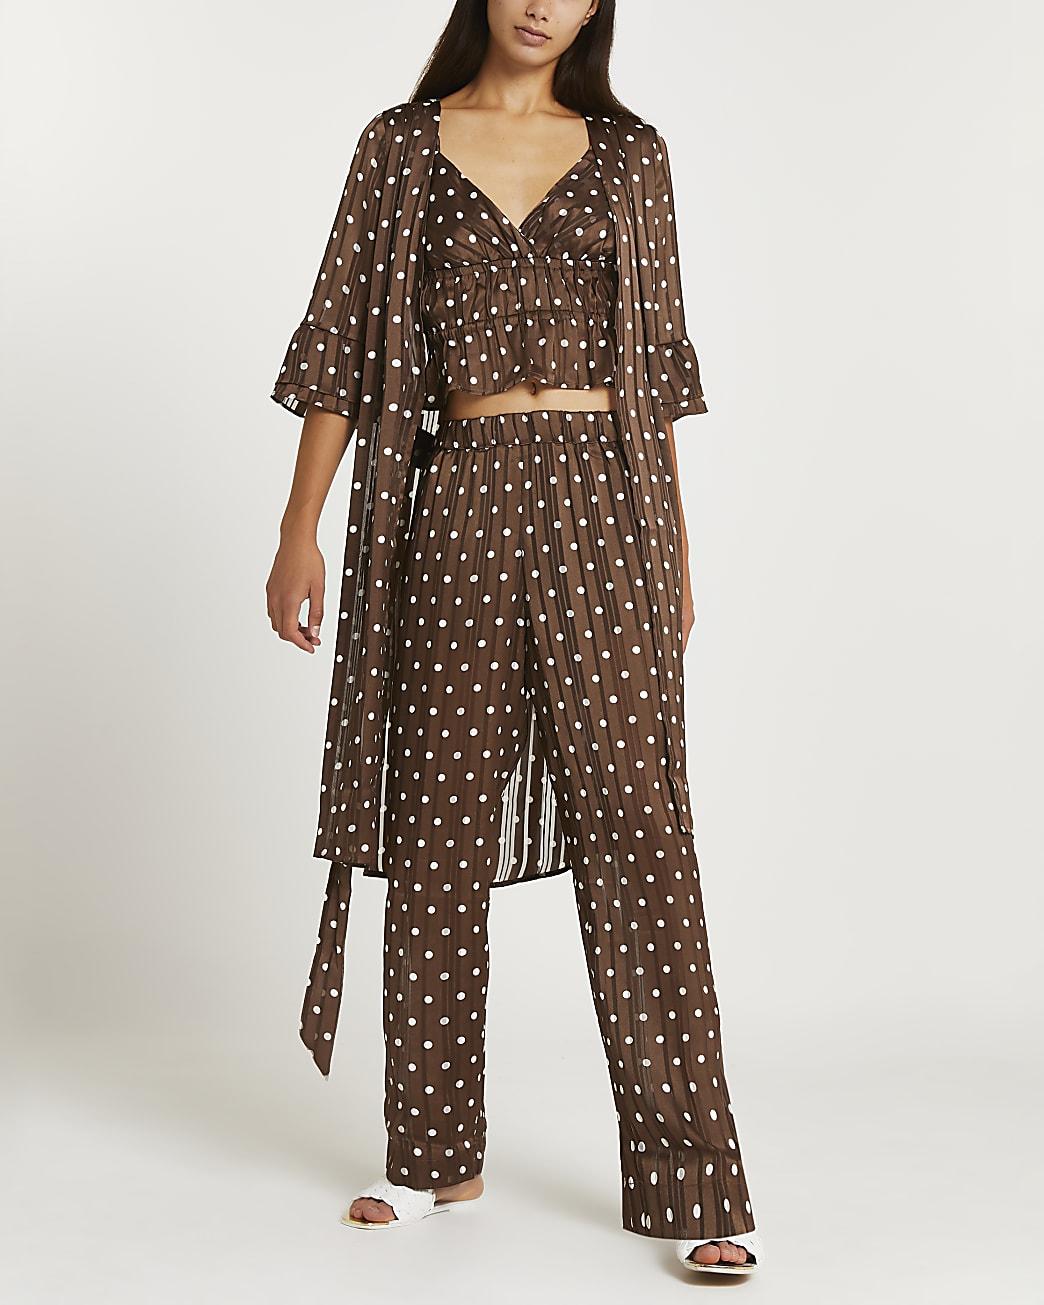 Brown polka dot satin kimono